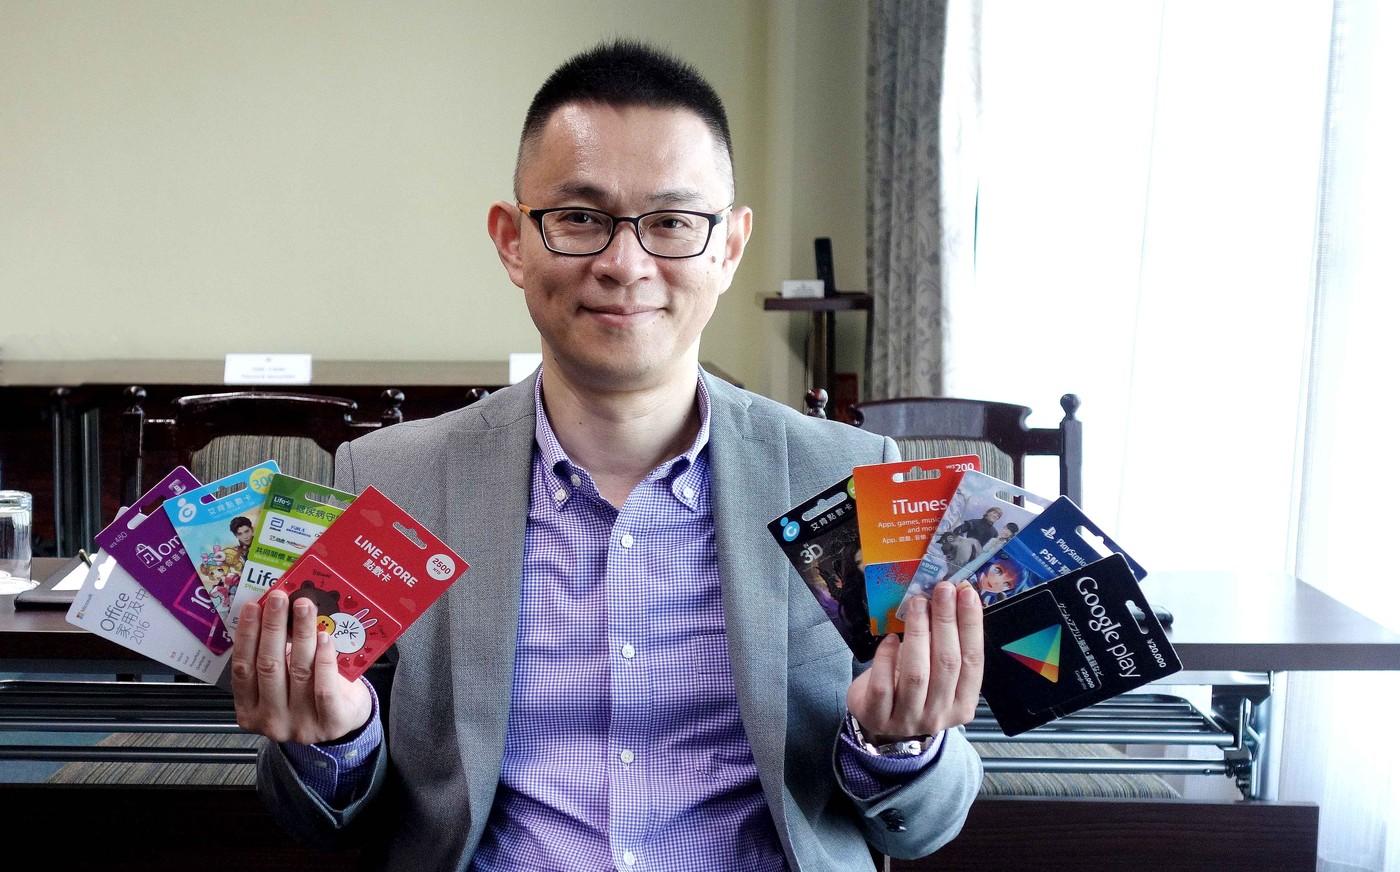 東森集團砸千萬投資,10月推「東森購物禮物卡」打造品牌虛擬貨幣